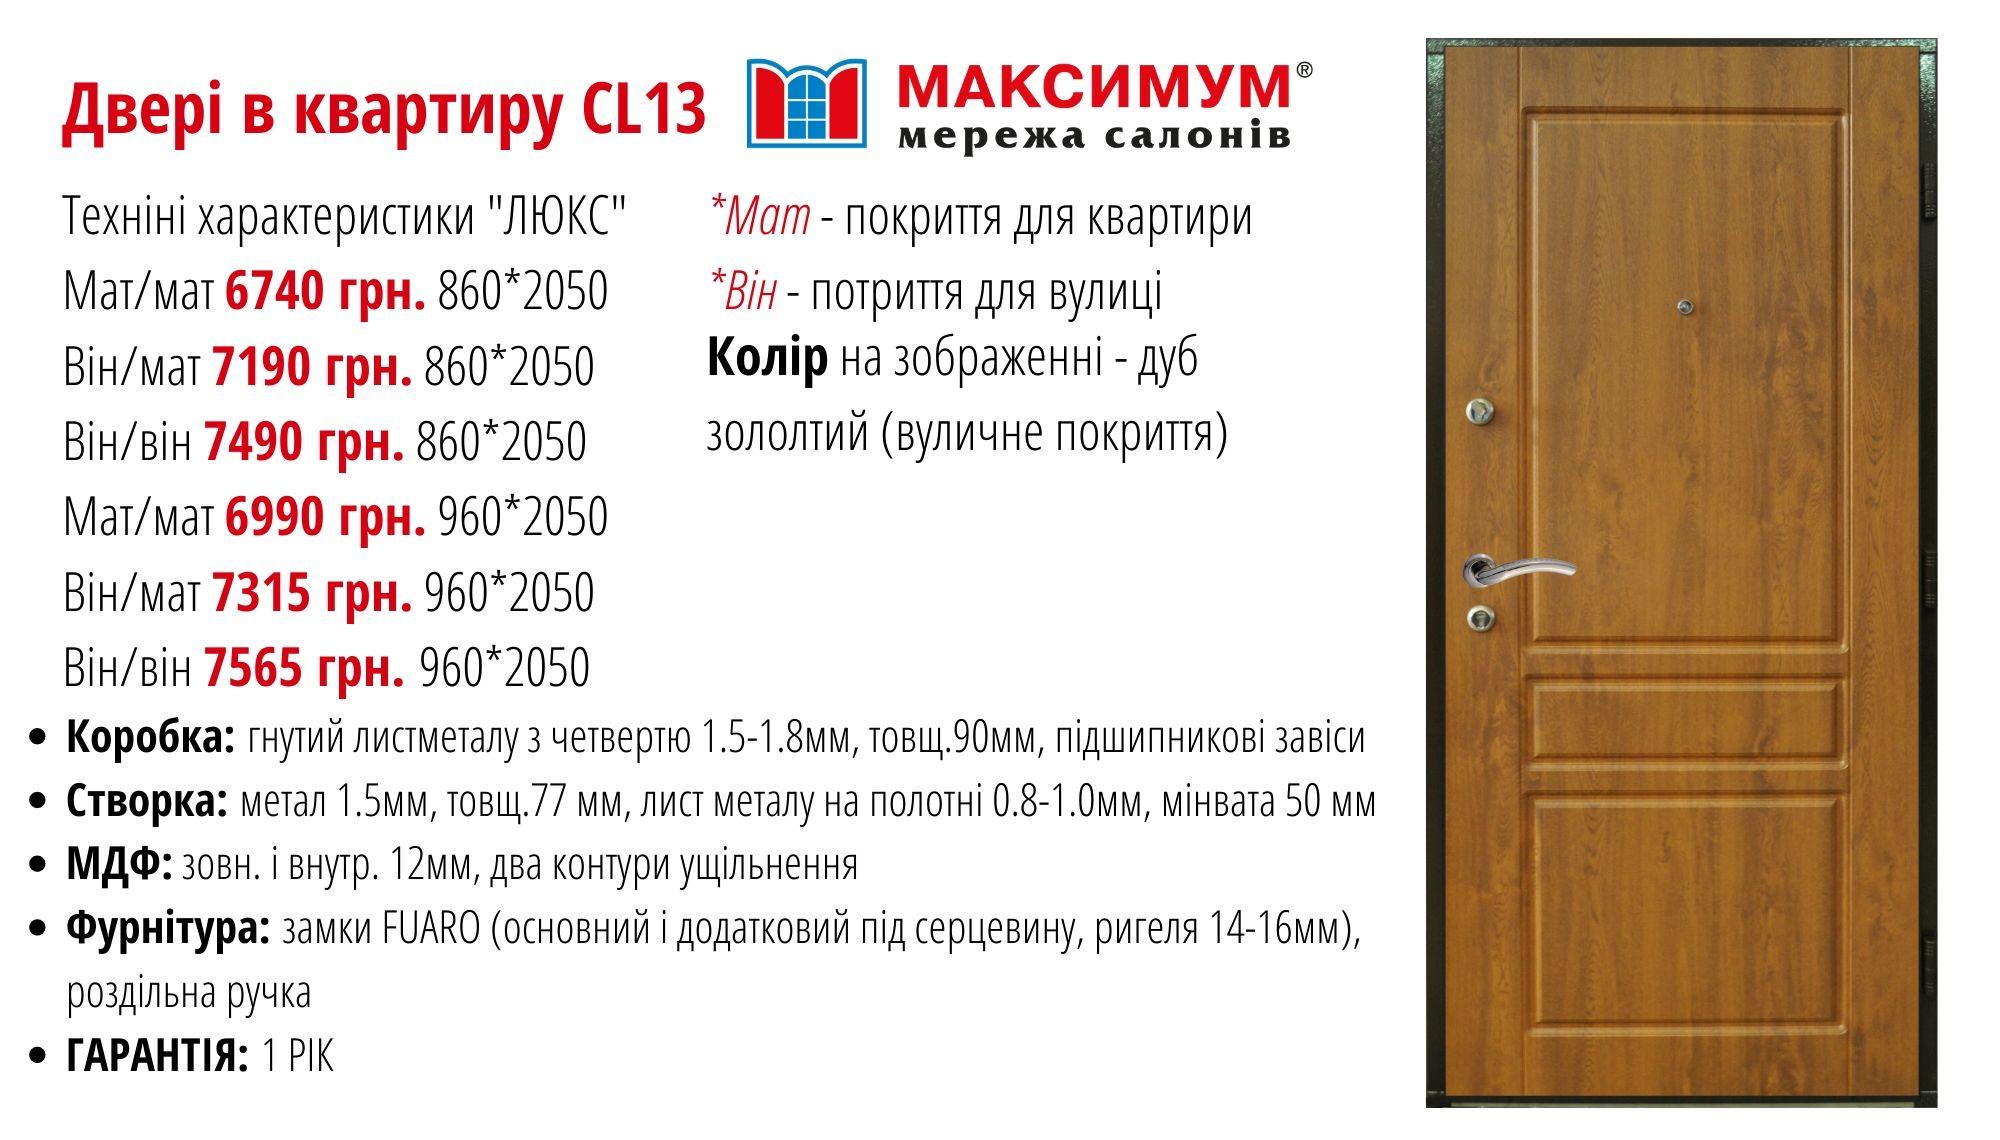 вхідні двері власного виробницьва максимум cl13 + опис АКЦІЯ